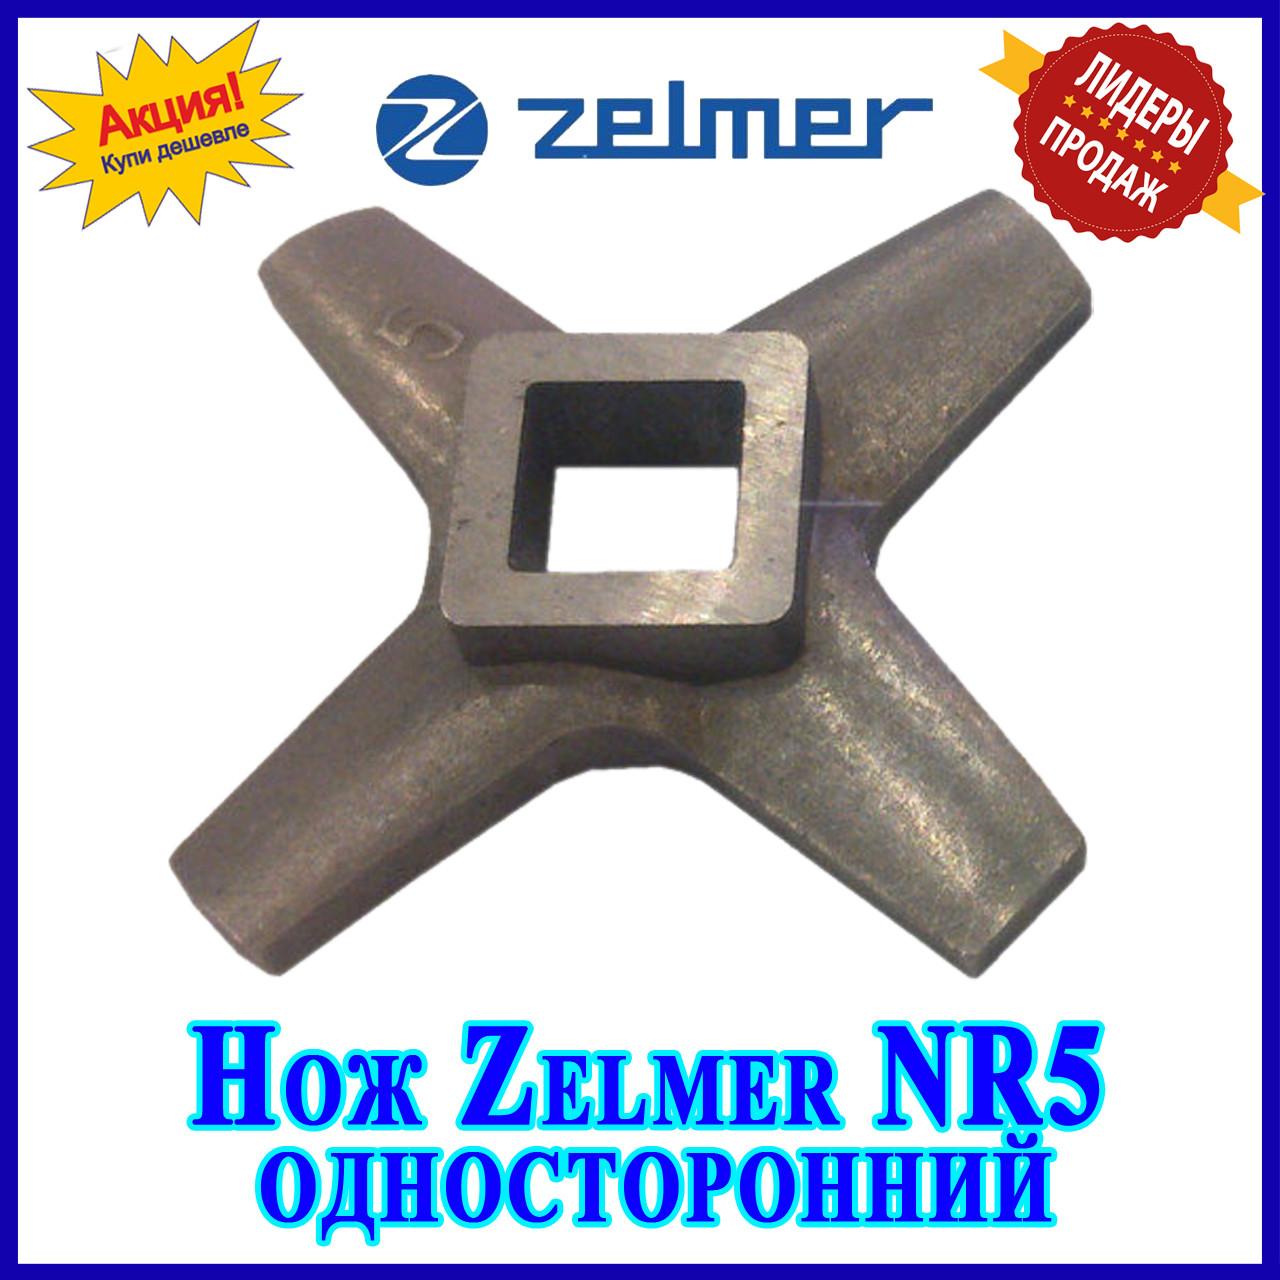 Нож для мясорубки Zelmer NR5 (ОРИГИНАЛ) Односторонний 86.1007 631383 (ZMMA015X) - Запчасти для бытовой техники — b-zip.com.ua в Харькове